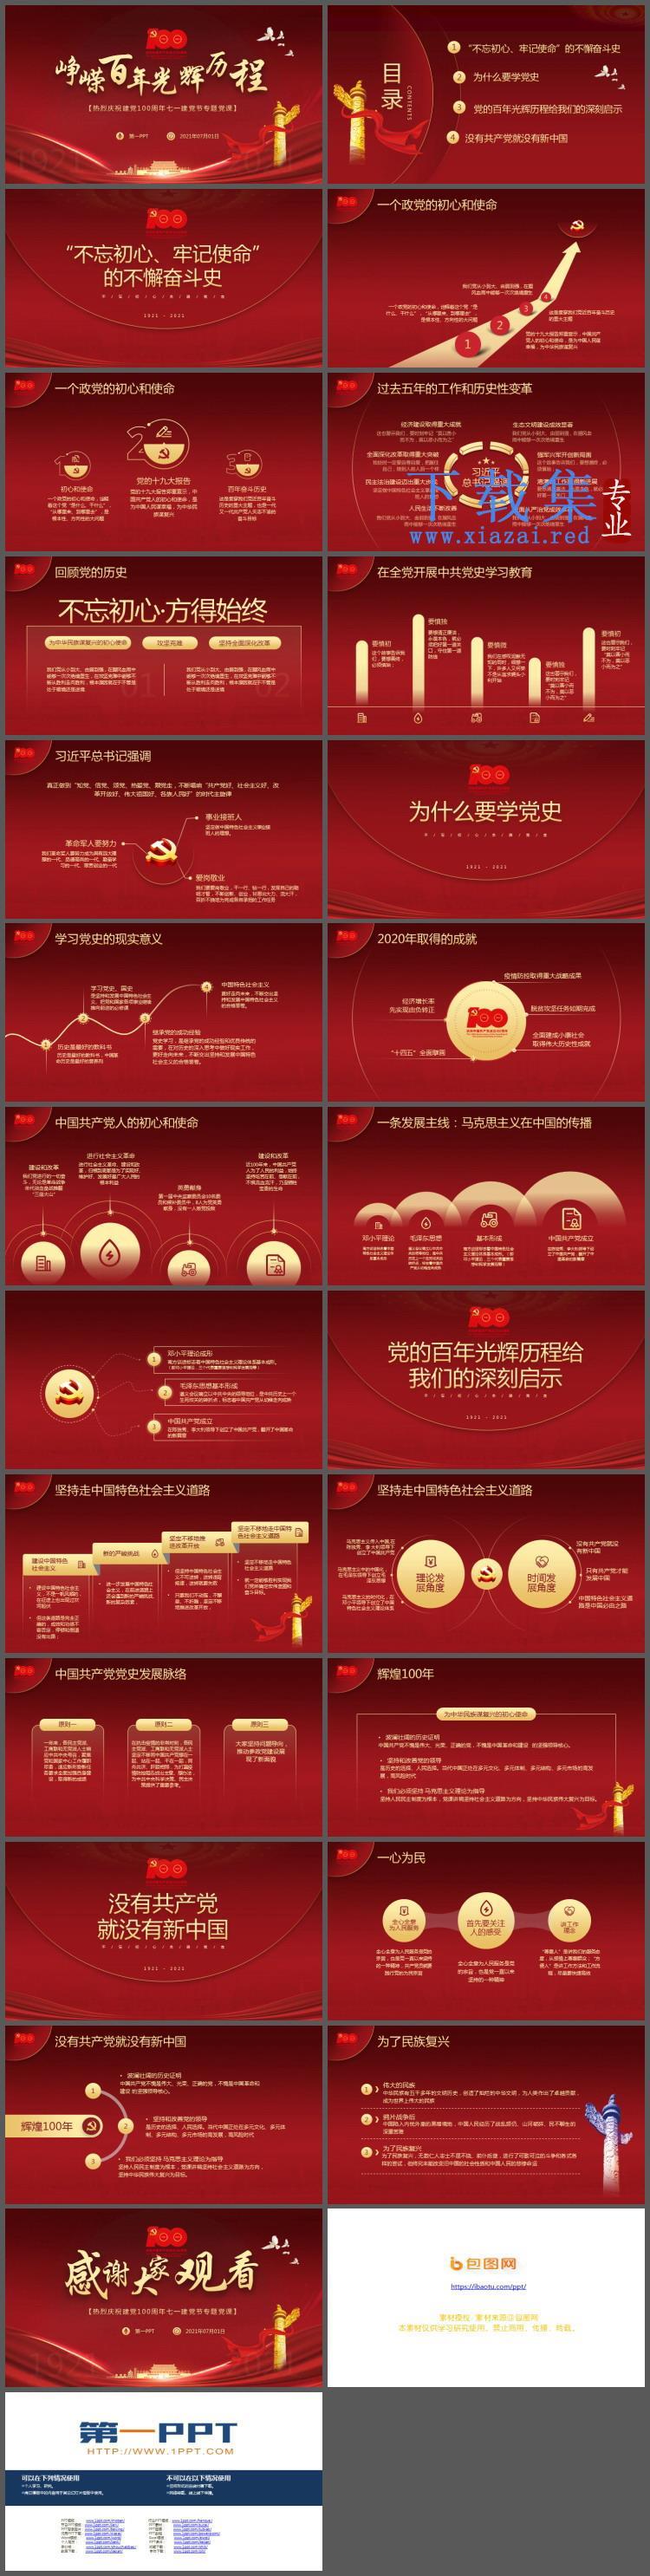 《峥嵘百年光辉历程》热烈庆祝建党100周年七一建党节专题党课PPT模板  第2张